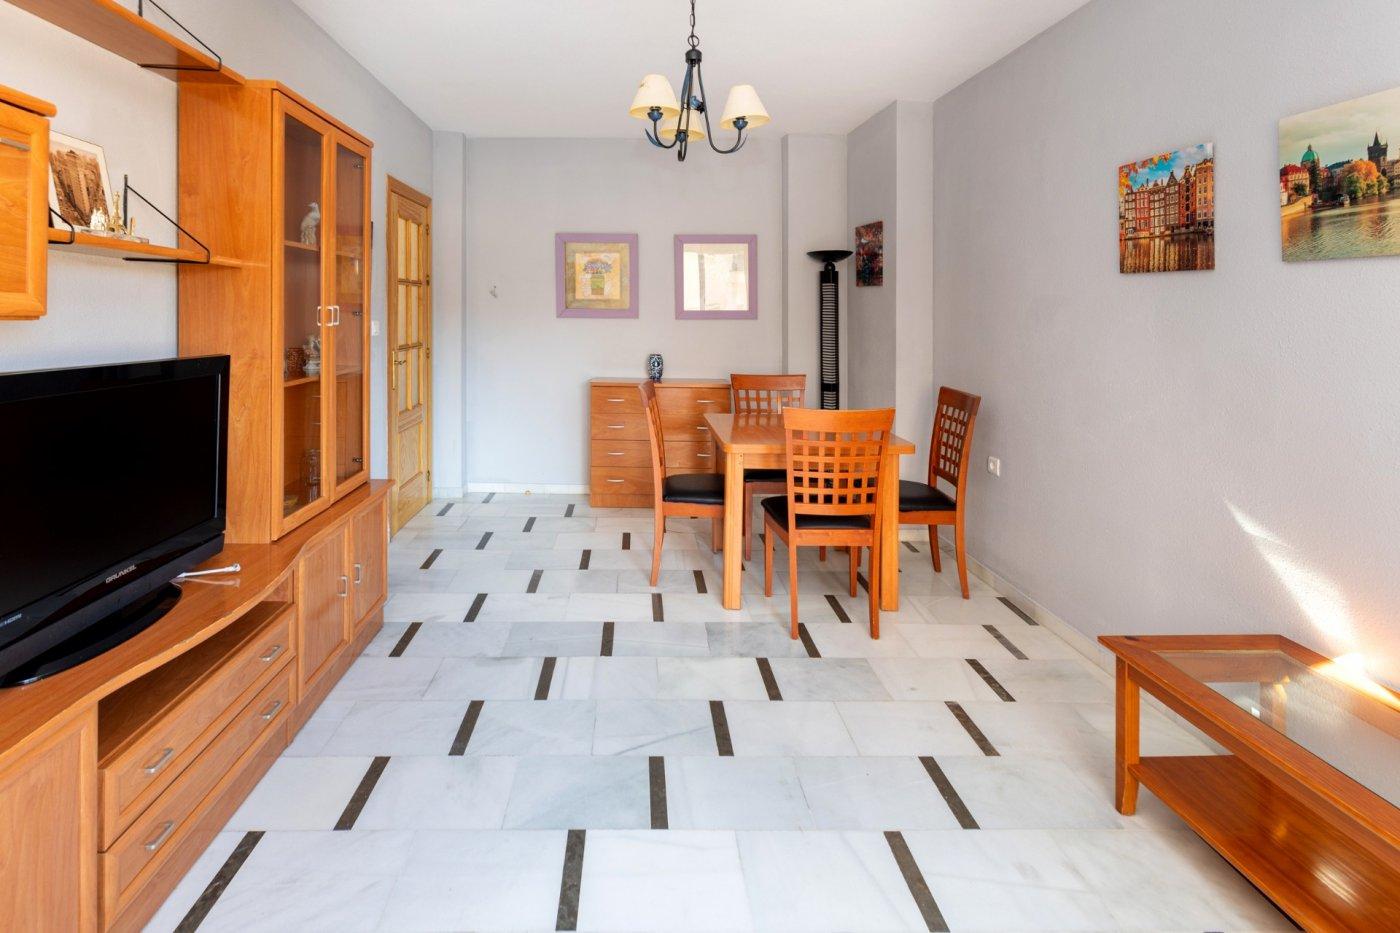 Bonito piso a pie de metro en armilla, con 3 dormitorios, ascensor y plaza de garaje¡¡